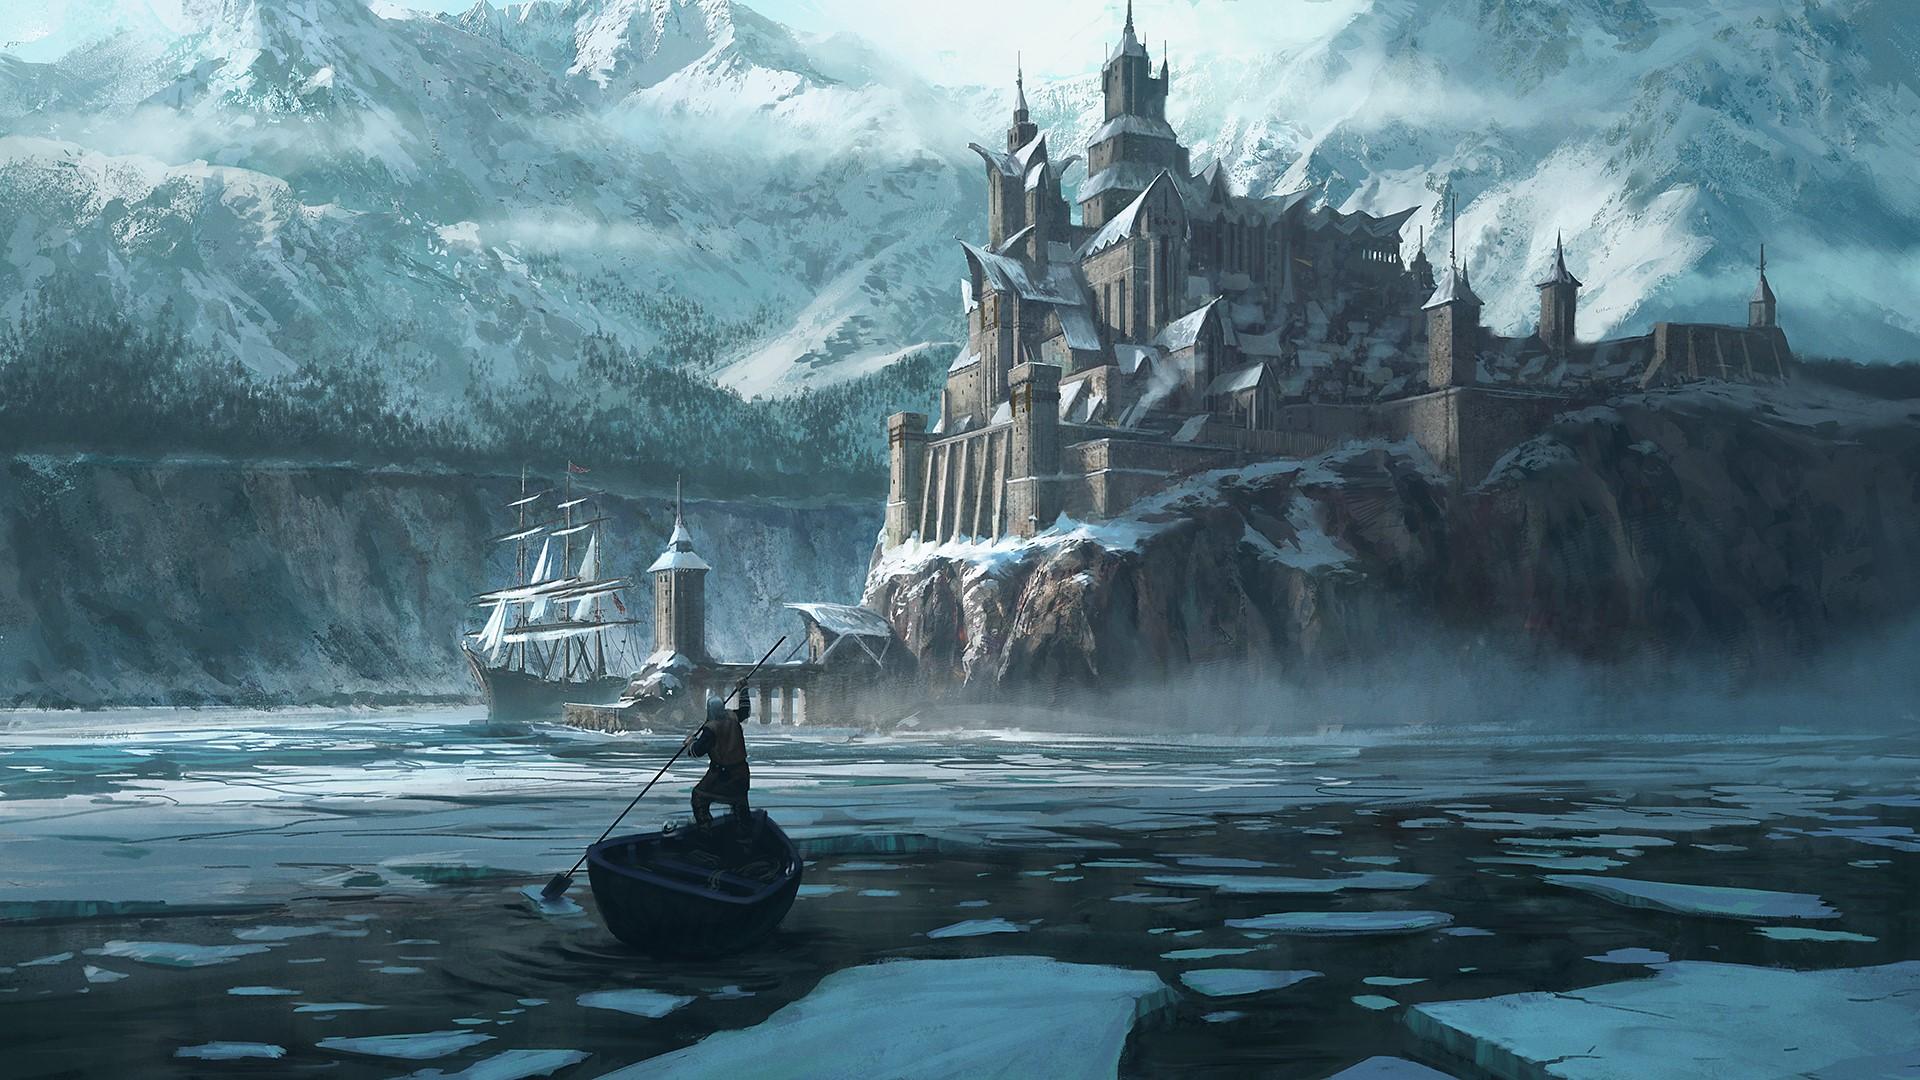 Fantasy Wallpaper 51